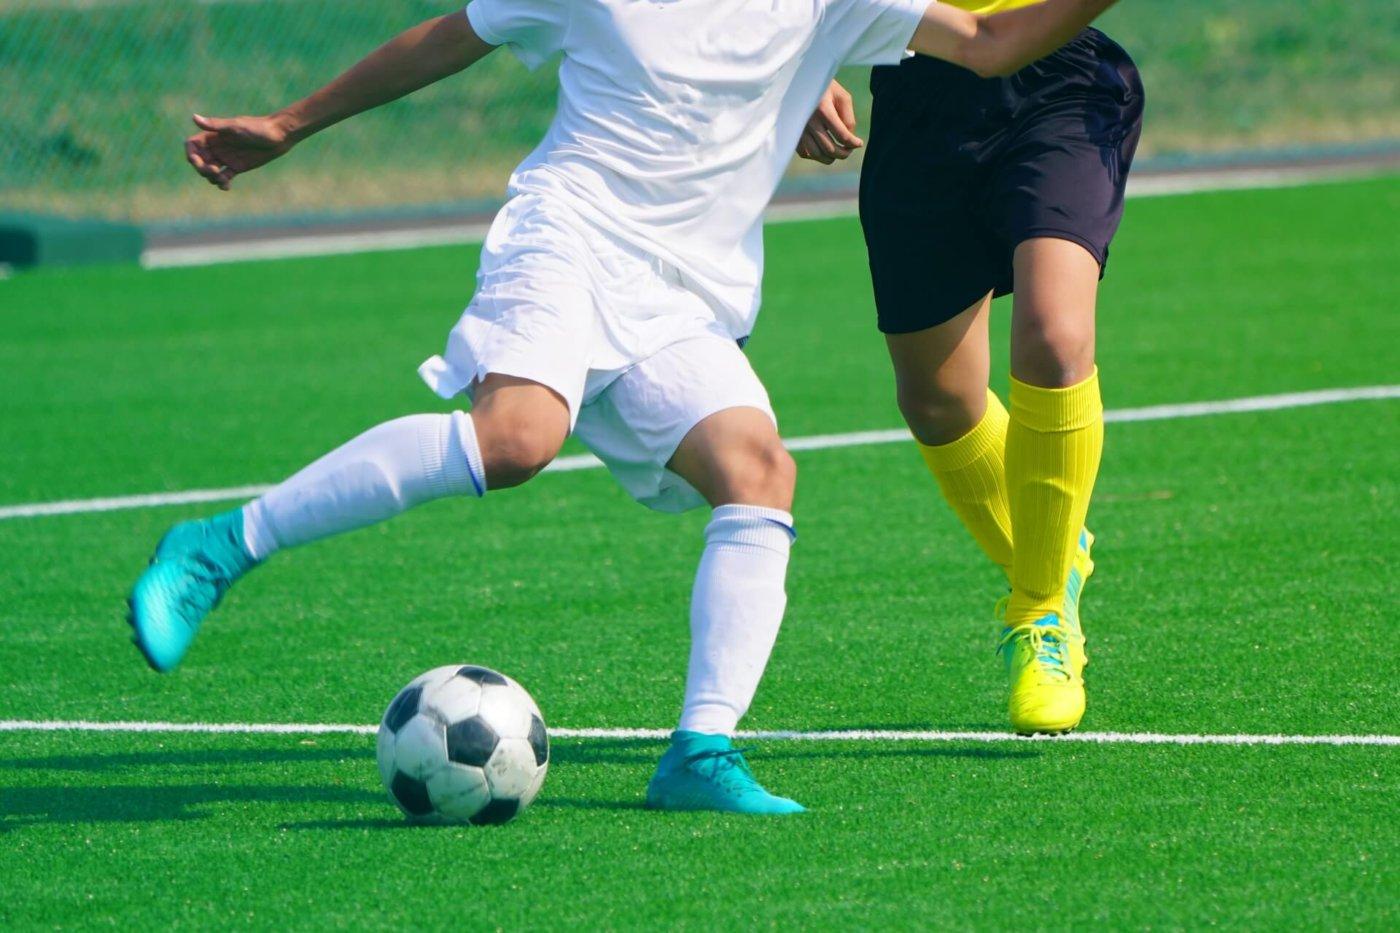 サッカーの気になる用語『ターンオーバー要員』とは?